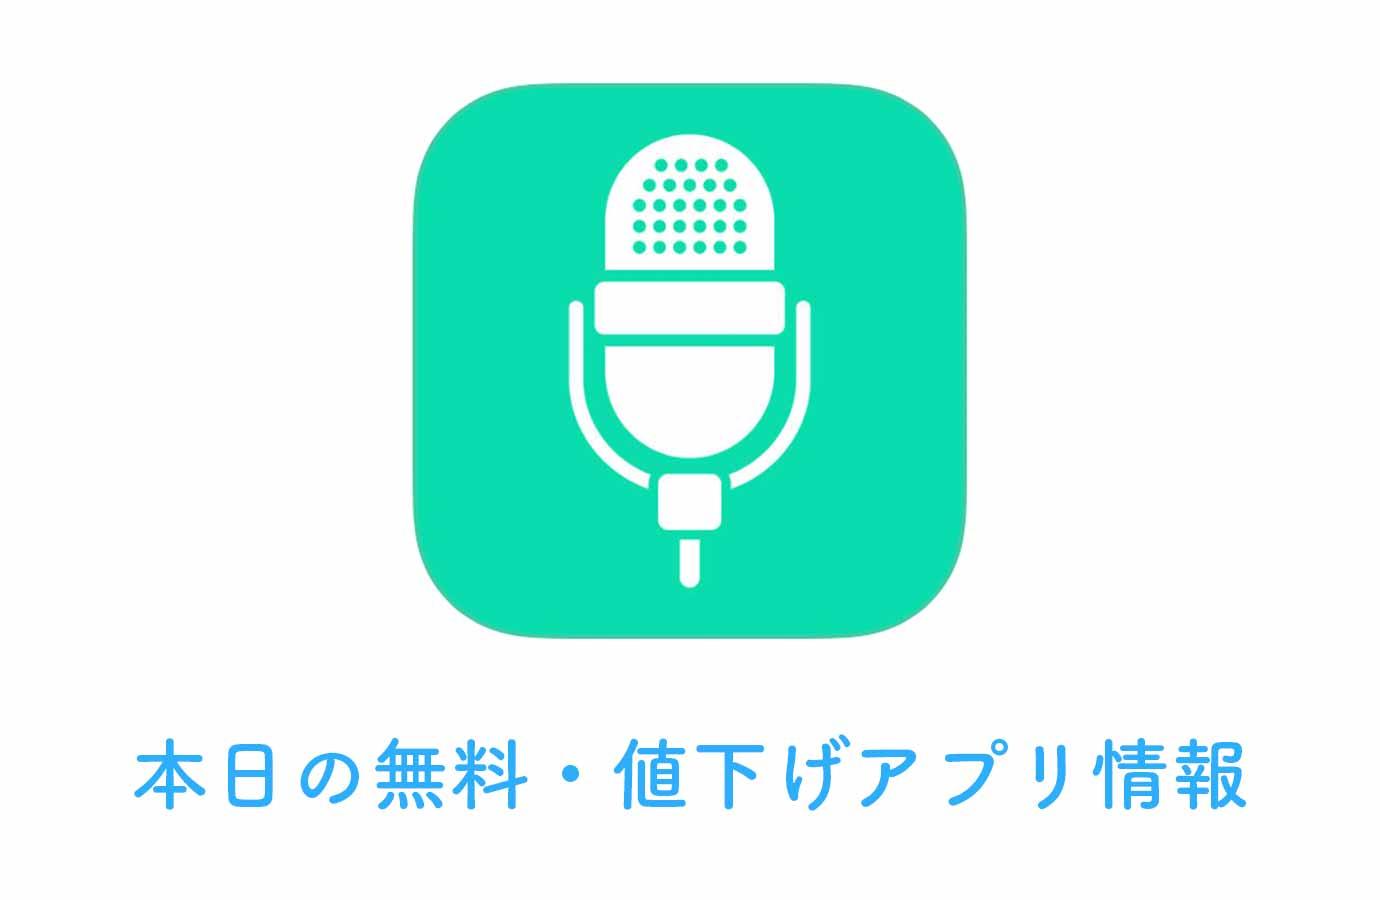 480円→無料!音声を認識してテキストに変換してくれる「アクティブボイス」など【1/24】本日の無料・値下げアプリ情報